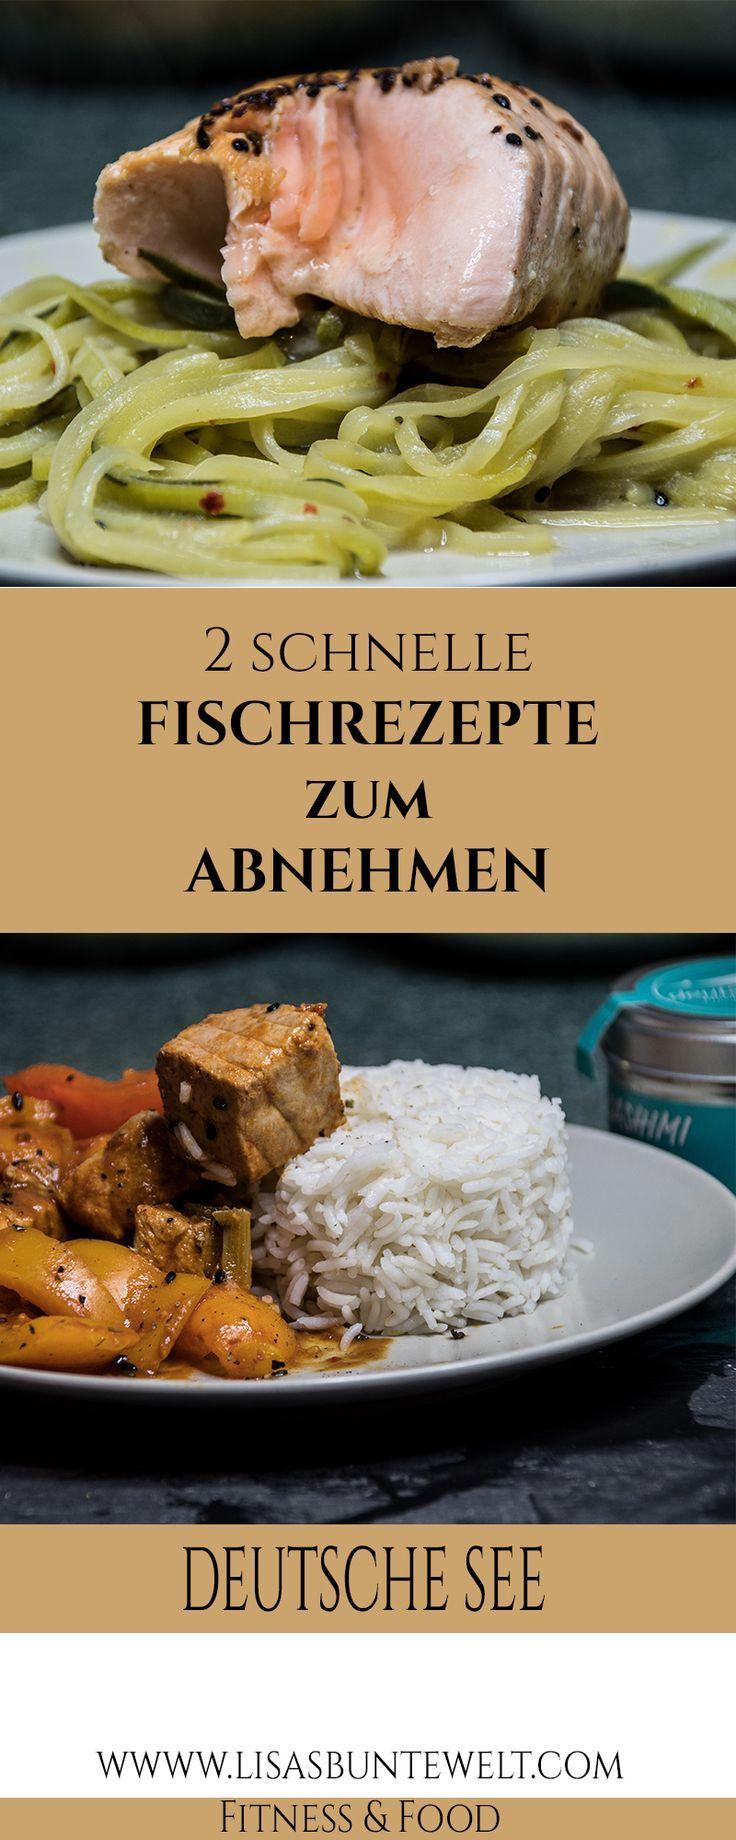 2 Schnelle Fisch Rezepte Zum Abnehmen Deutsche See Lisasbuntewelt Rezepte Fisch Gesund Gesunde Mahlzeiten